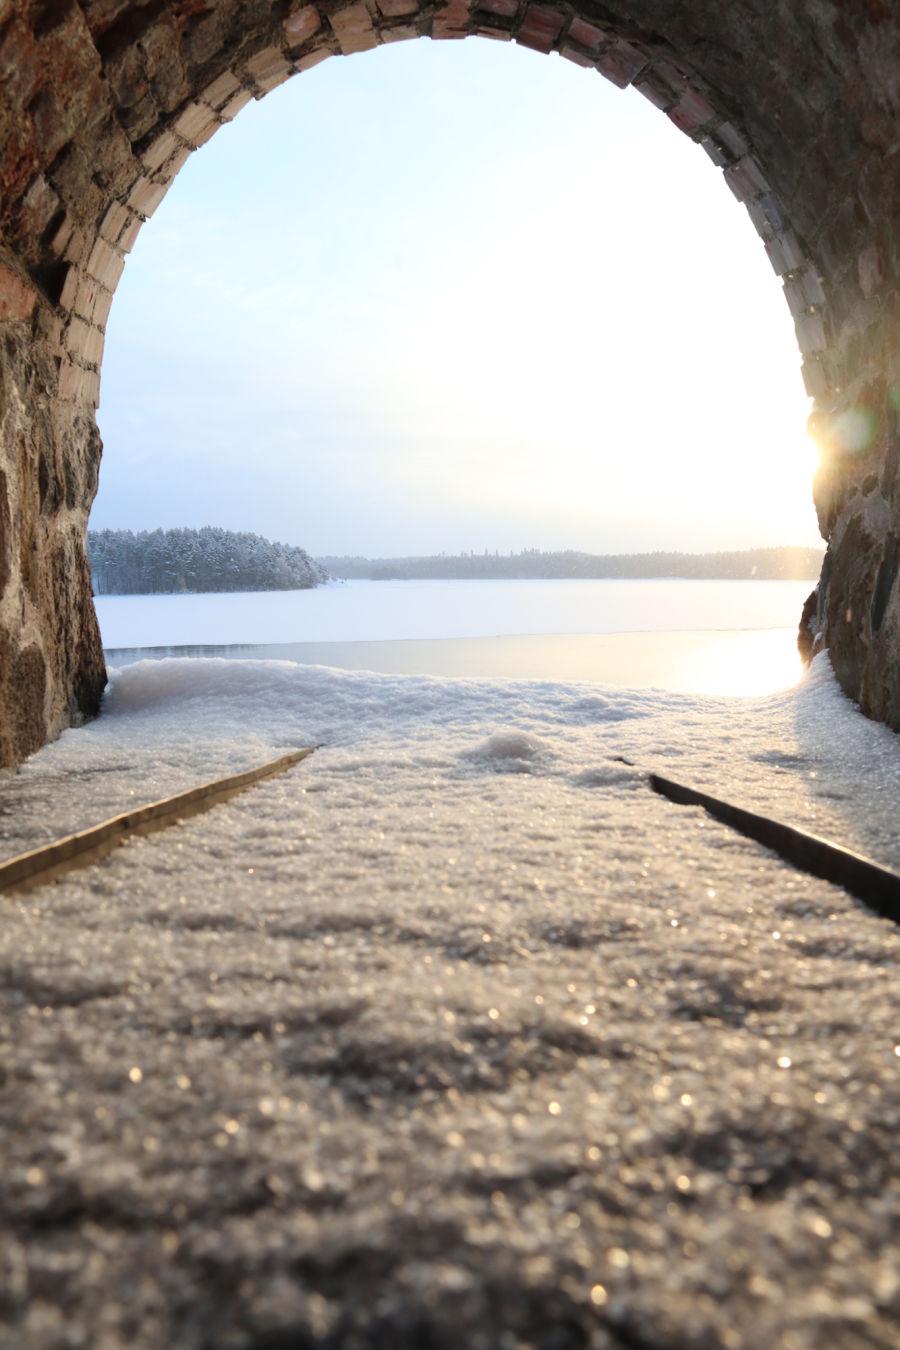 Aurinkoinen järvimaisema, jota ympäröi tiiliseinät